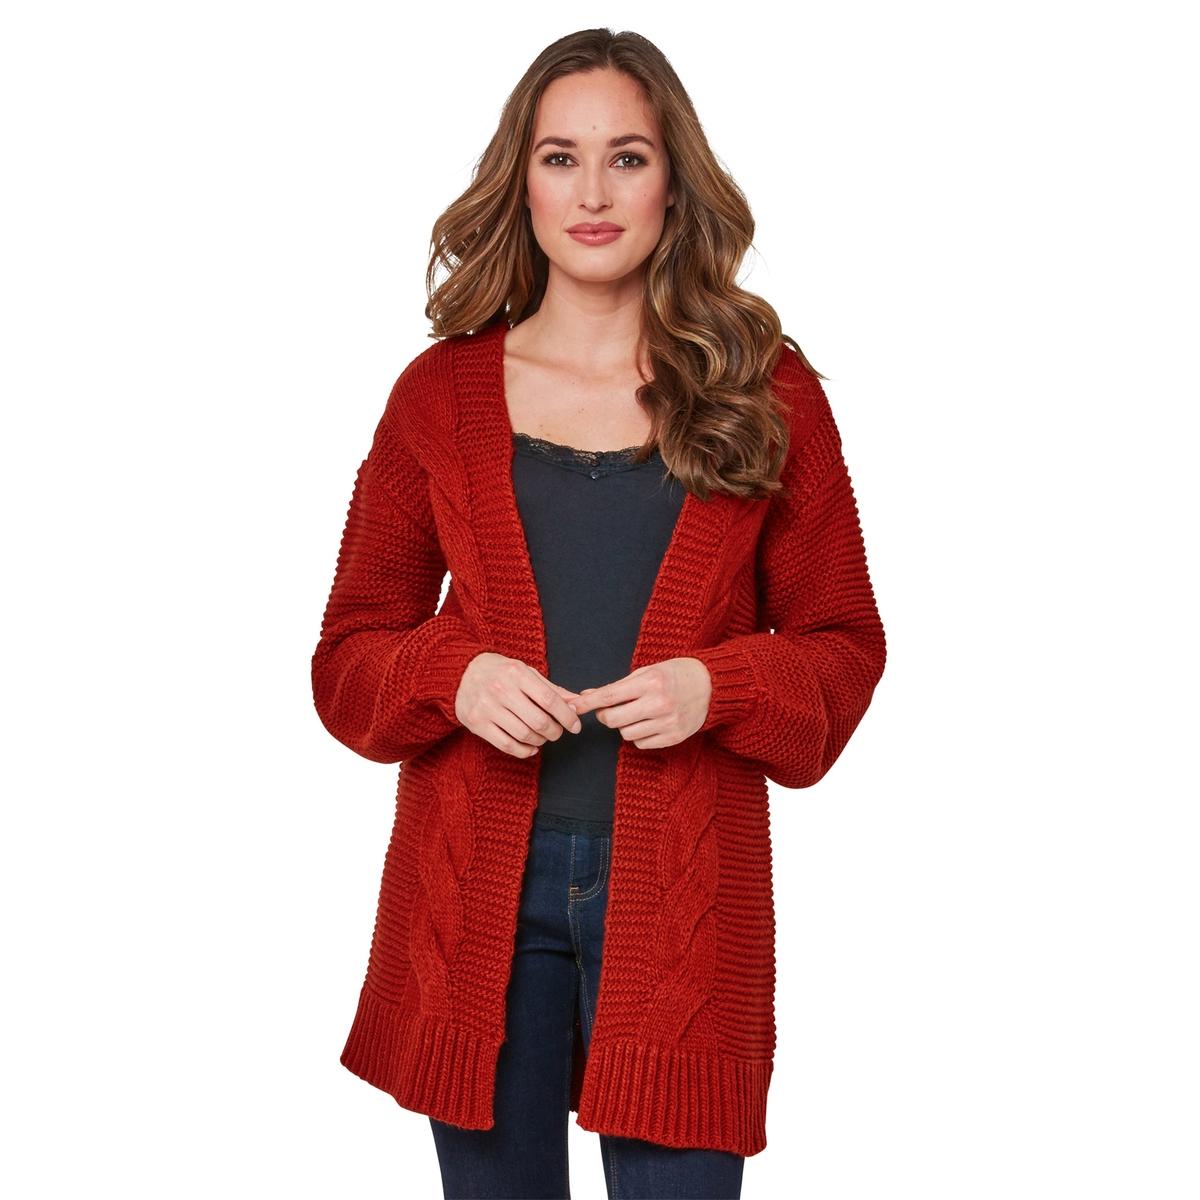 Кардиган La Redoute Средней длины из плотного трикотажа с узором косы 44 (FR) - 50 (RUS) красный цены